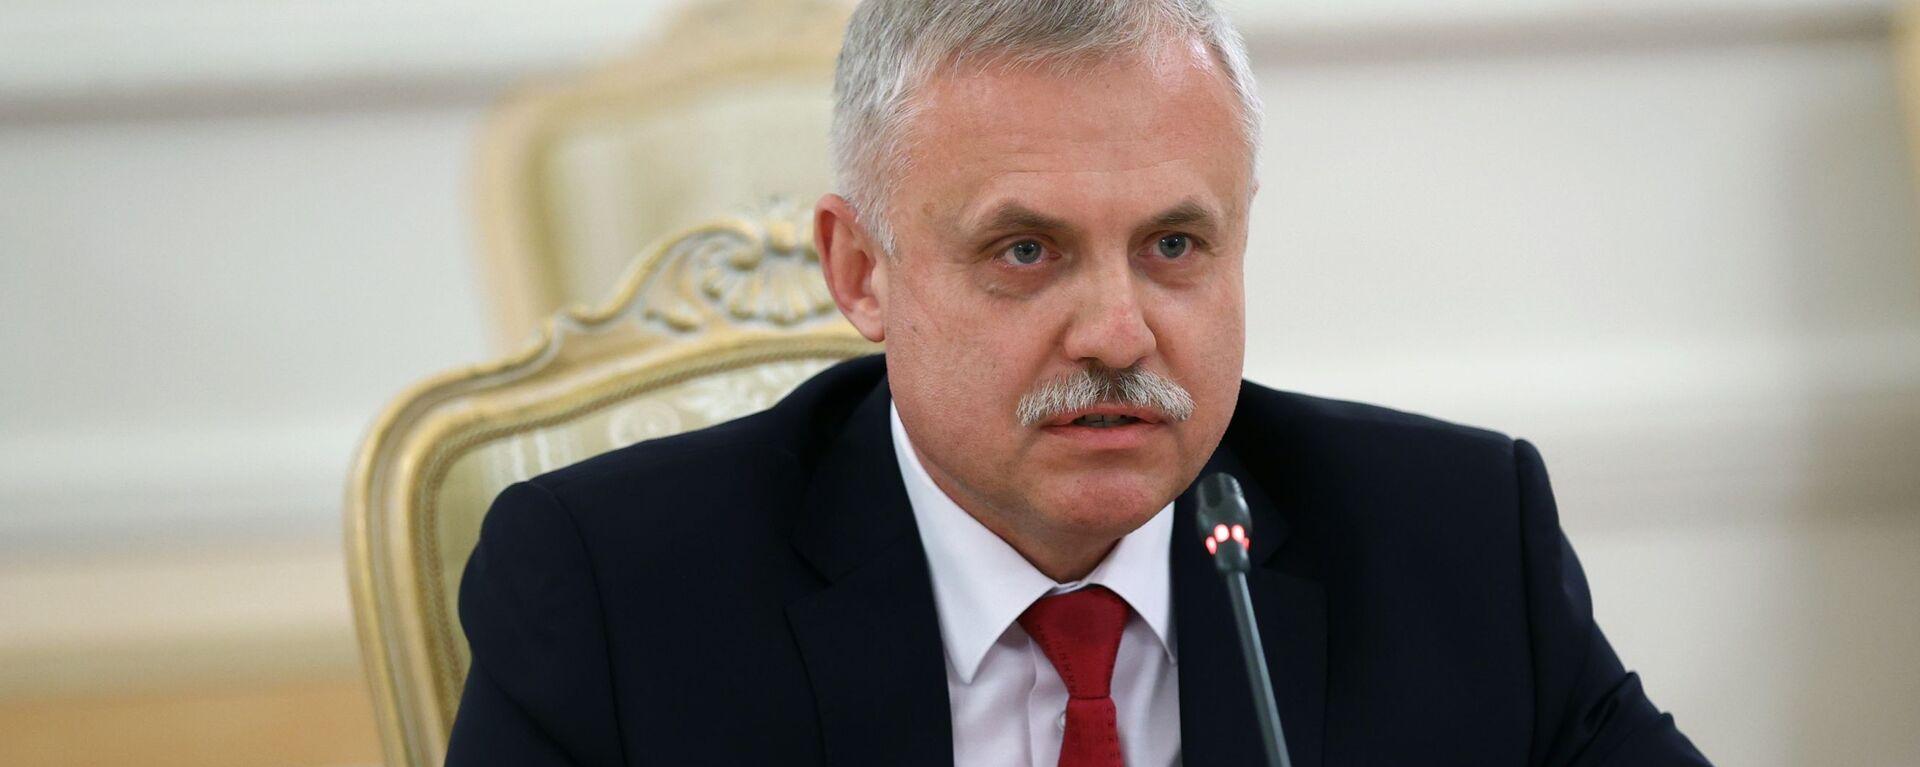 Генеральный секретарь Организации Договора о коллективной безопасности (ОДКБ) Станислав Зась - Sputnik Беларусь, 1920, 01.05.2021